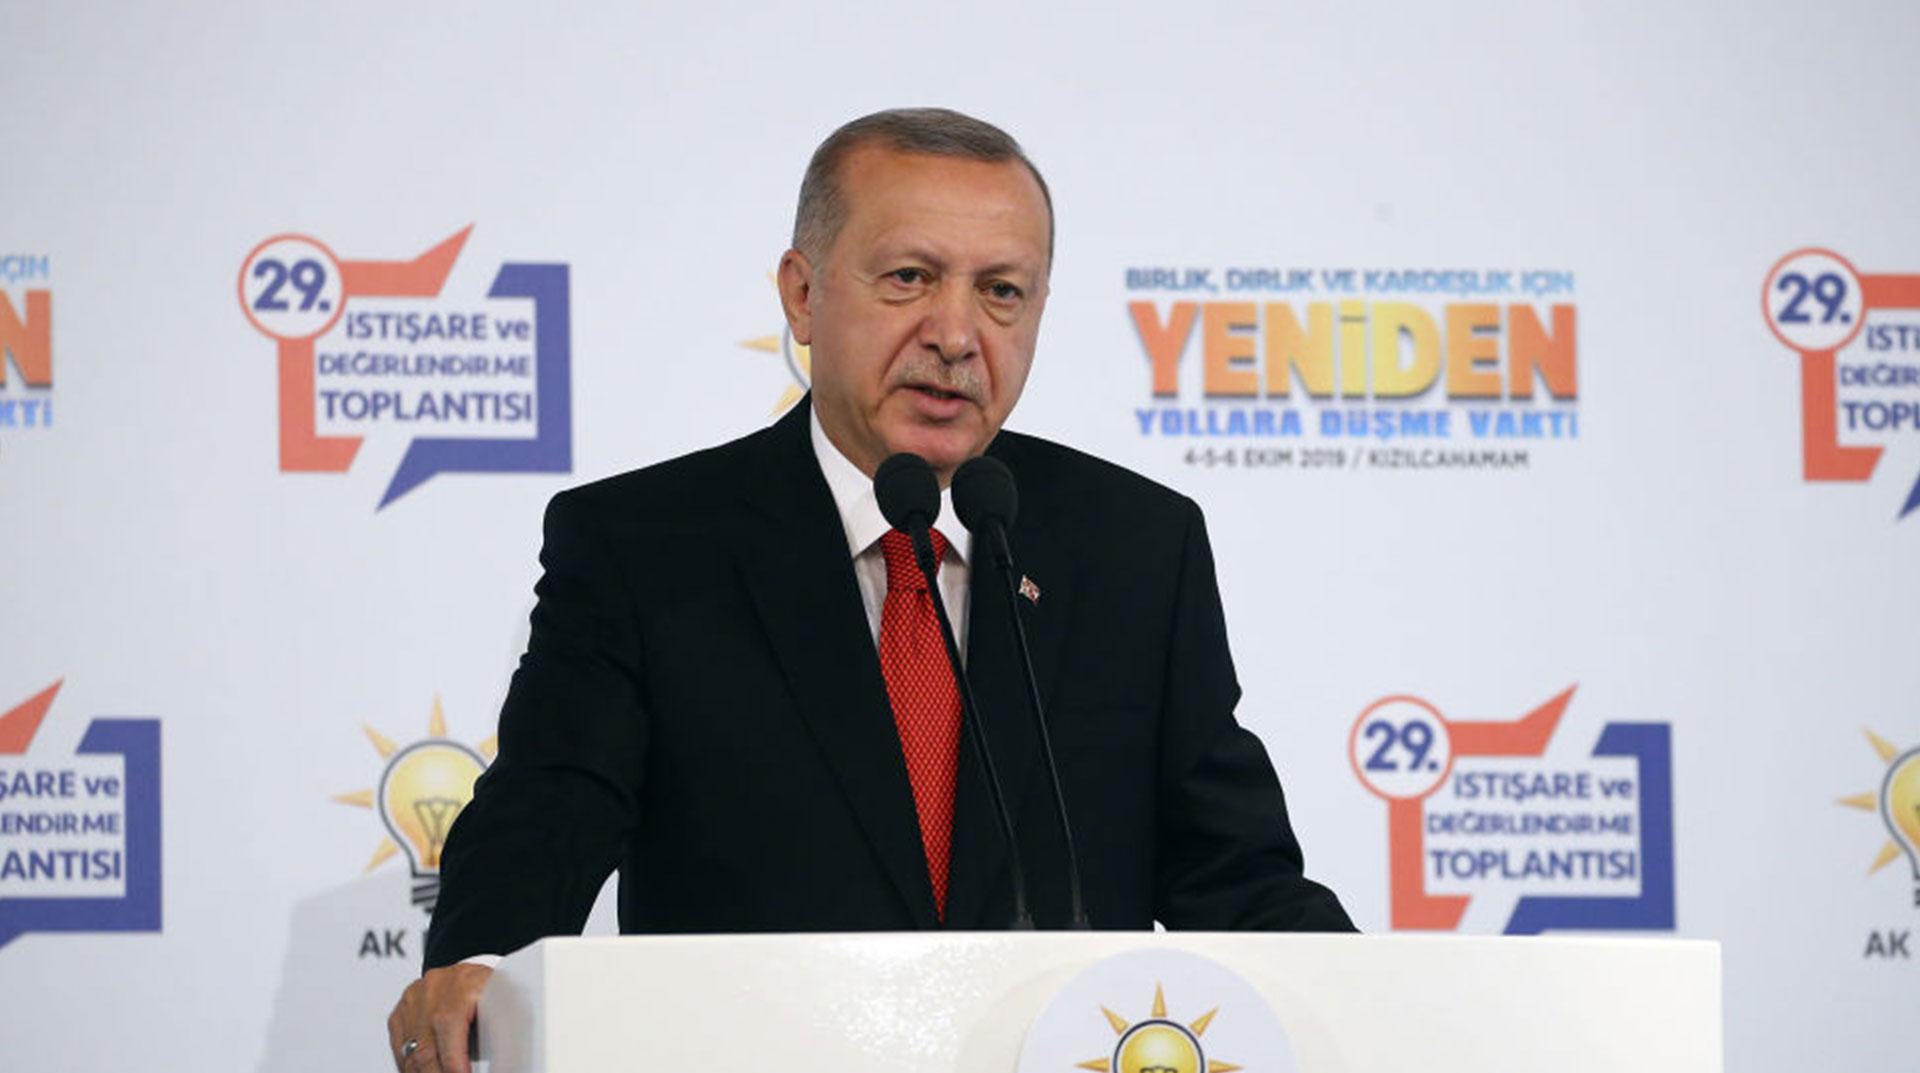 Erdoğan, Partisinin İstişare ve Değerlendirme Toplantısı'nda Konuştu